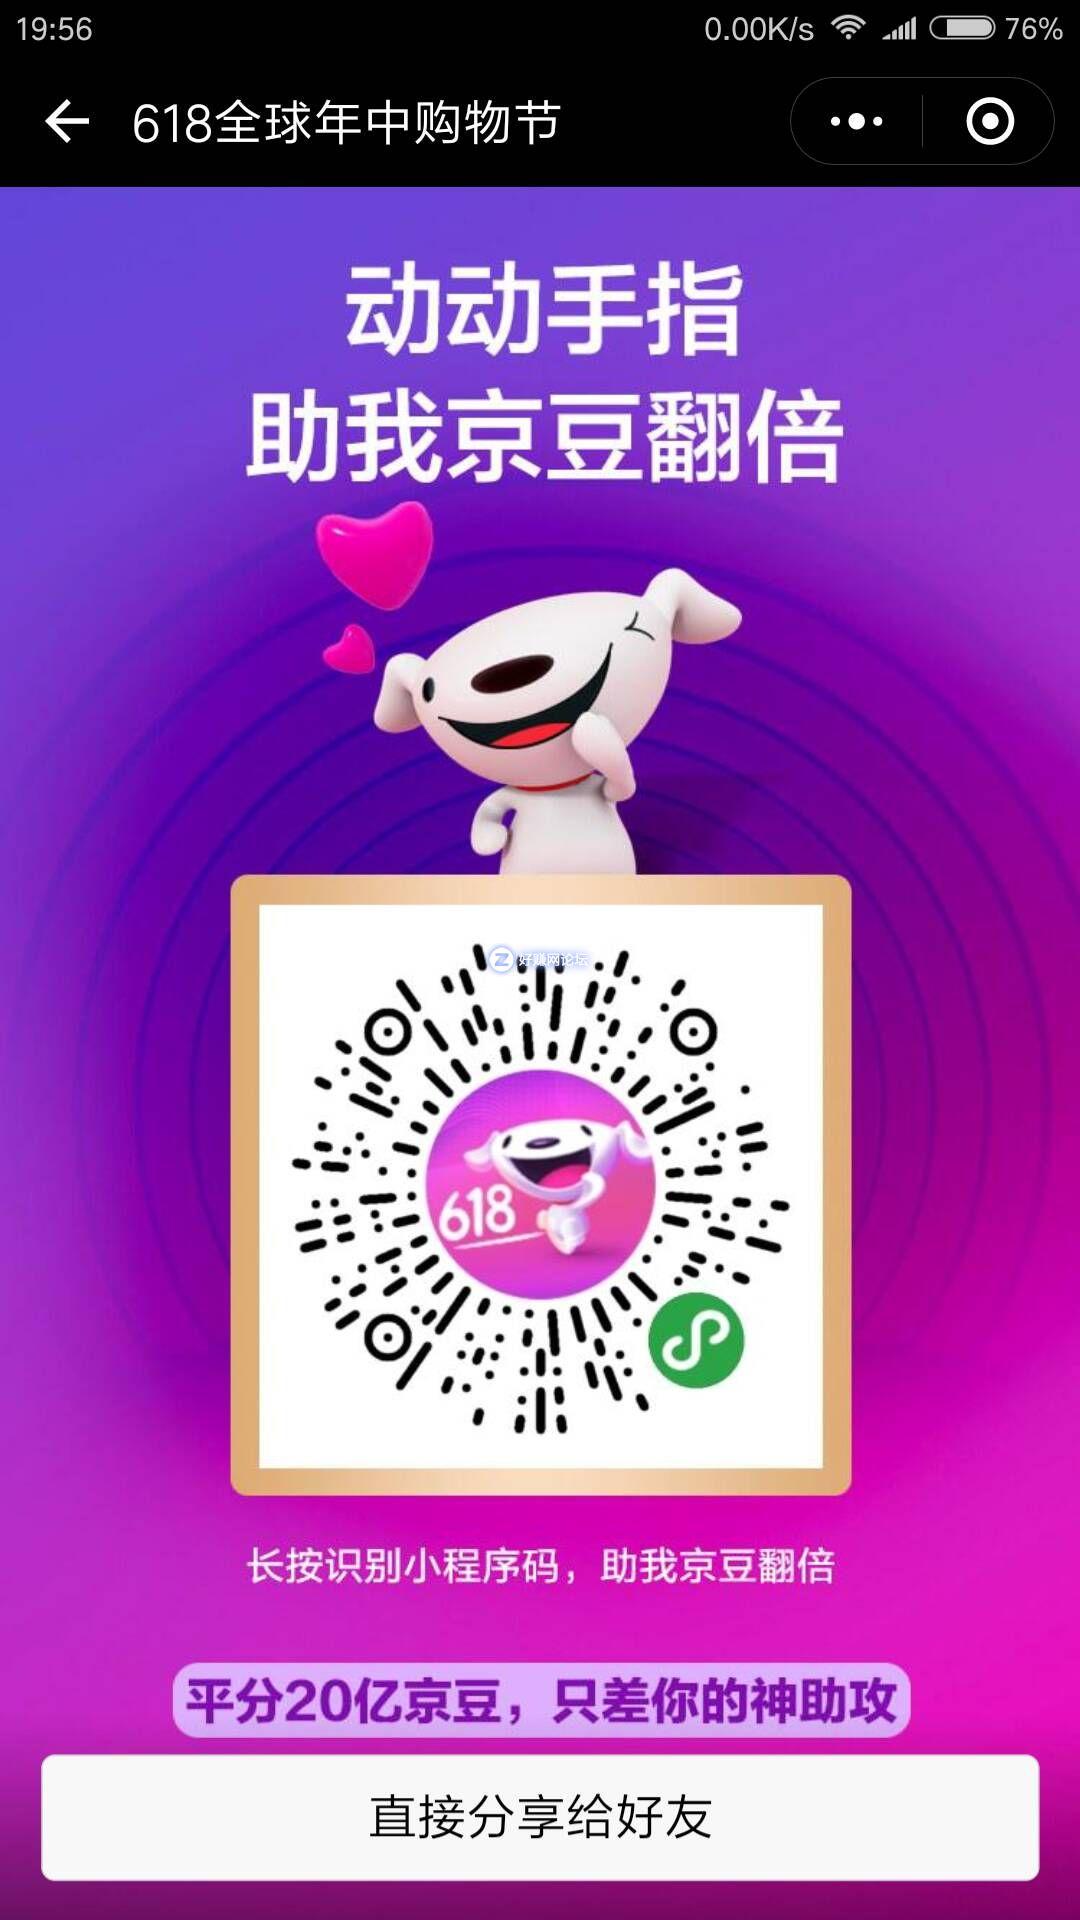 QQ图片20180611195716.jpg